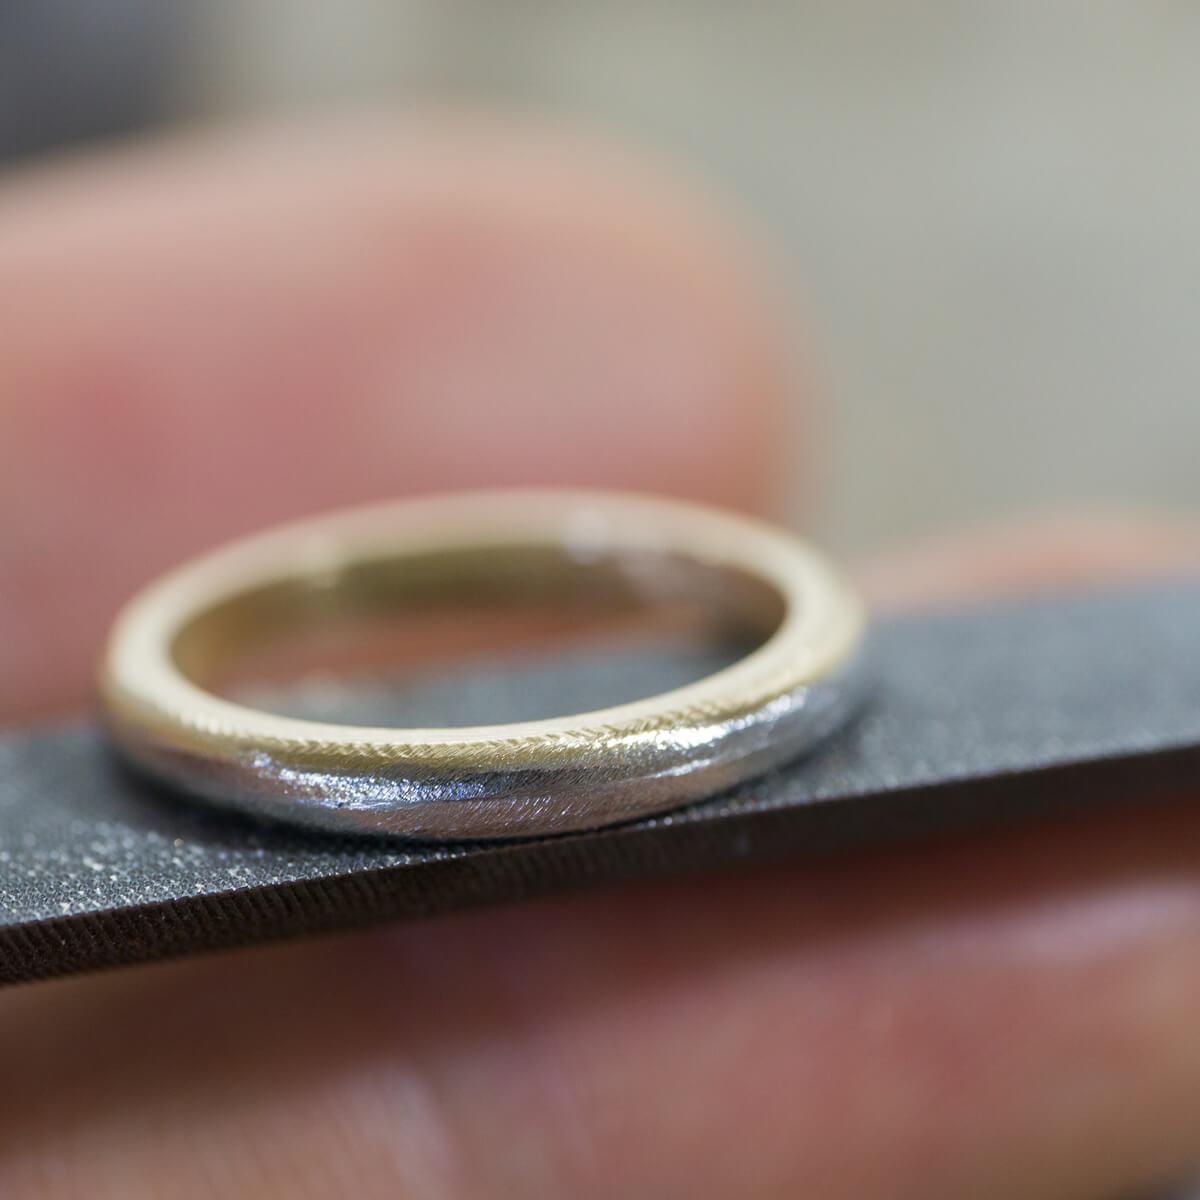 角度3 オーダーメイド結婚指輪の制作風景 ジュエリーのアトリエ  プラチナ、ゴールドのリング 屋久島でつくる結婚指輪